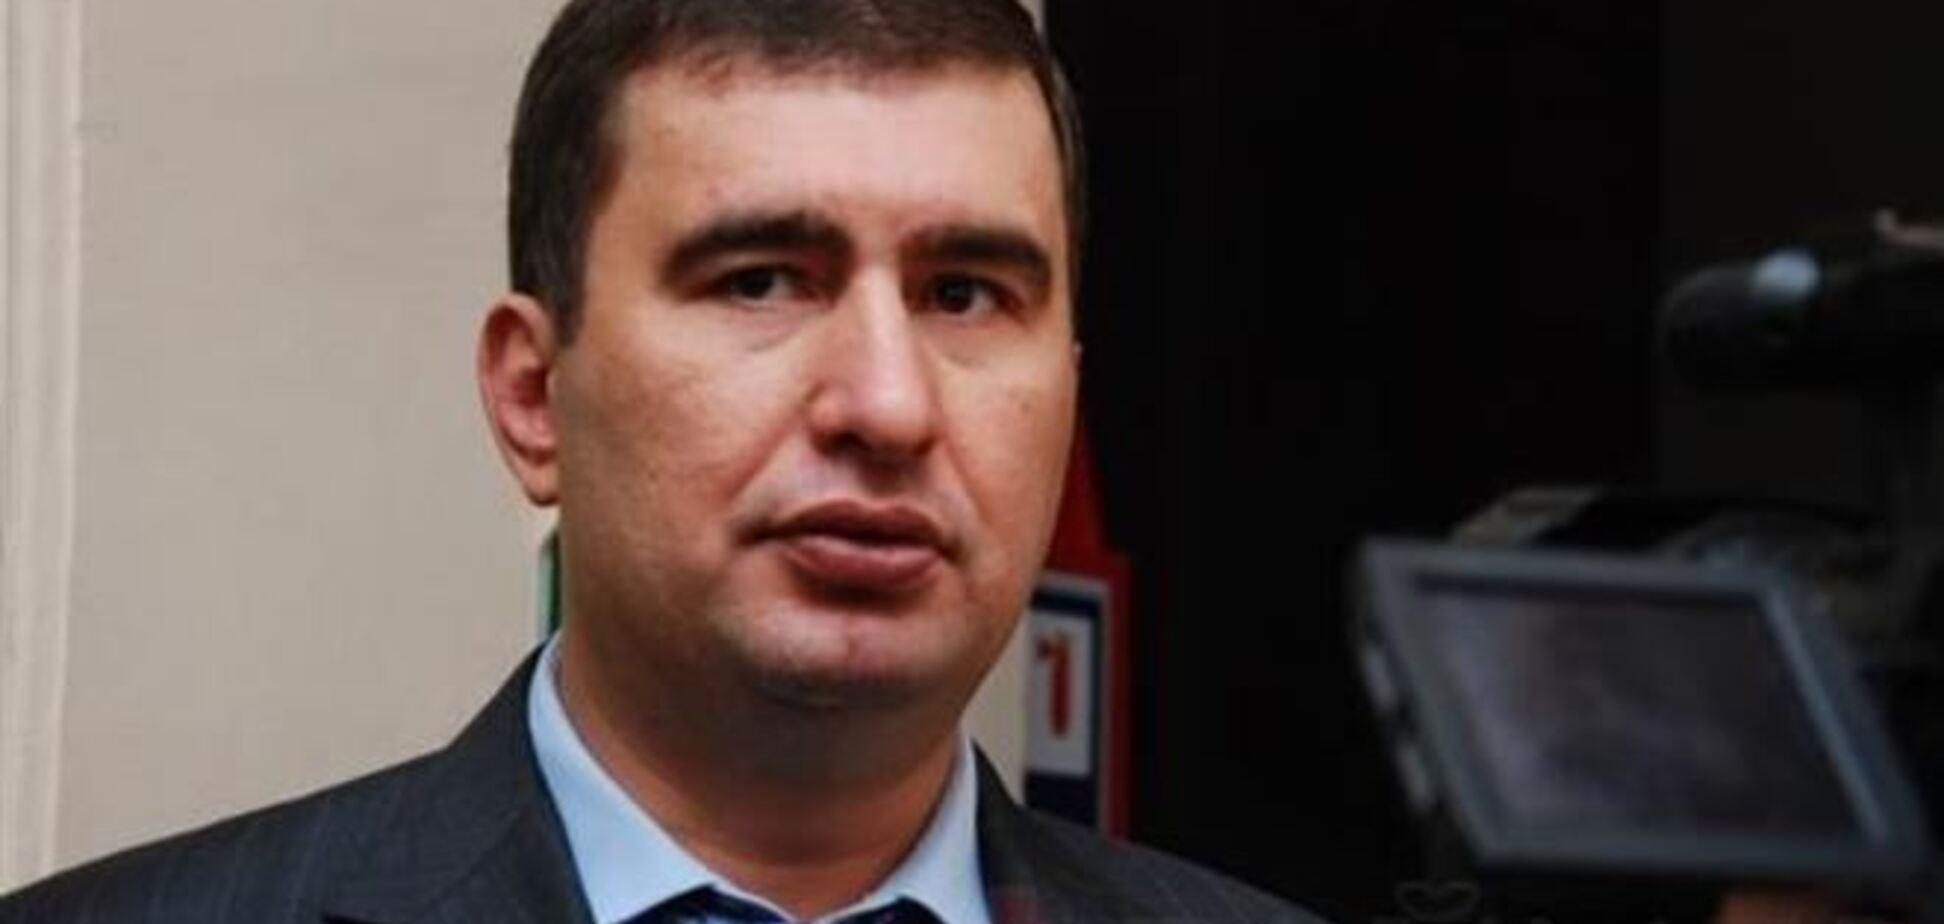 Марков просится в СИЗО, чтобы быть ближе к врачам